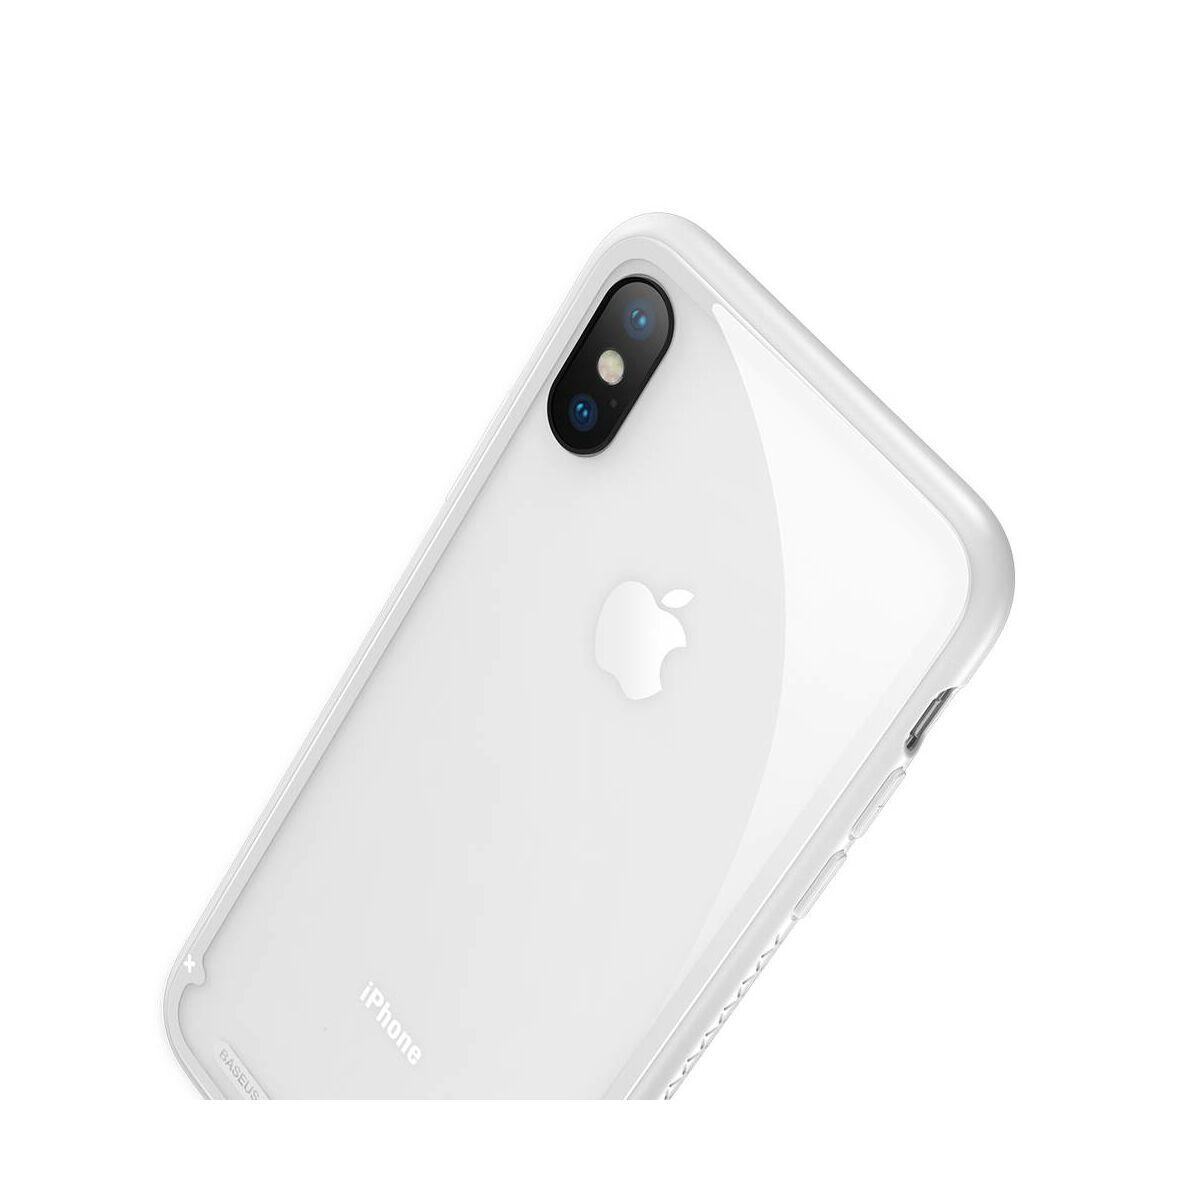 Baseus iPhone X/XS tok, átlátszó, oldalkerettel, fehér (WIAPIPHX-YS02)